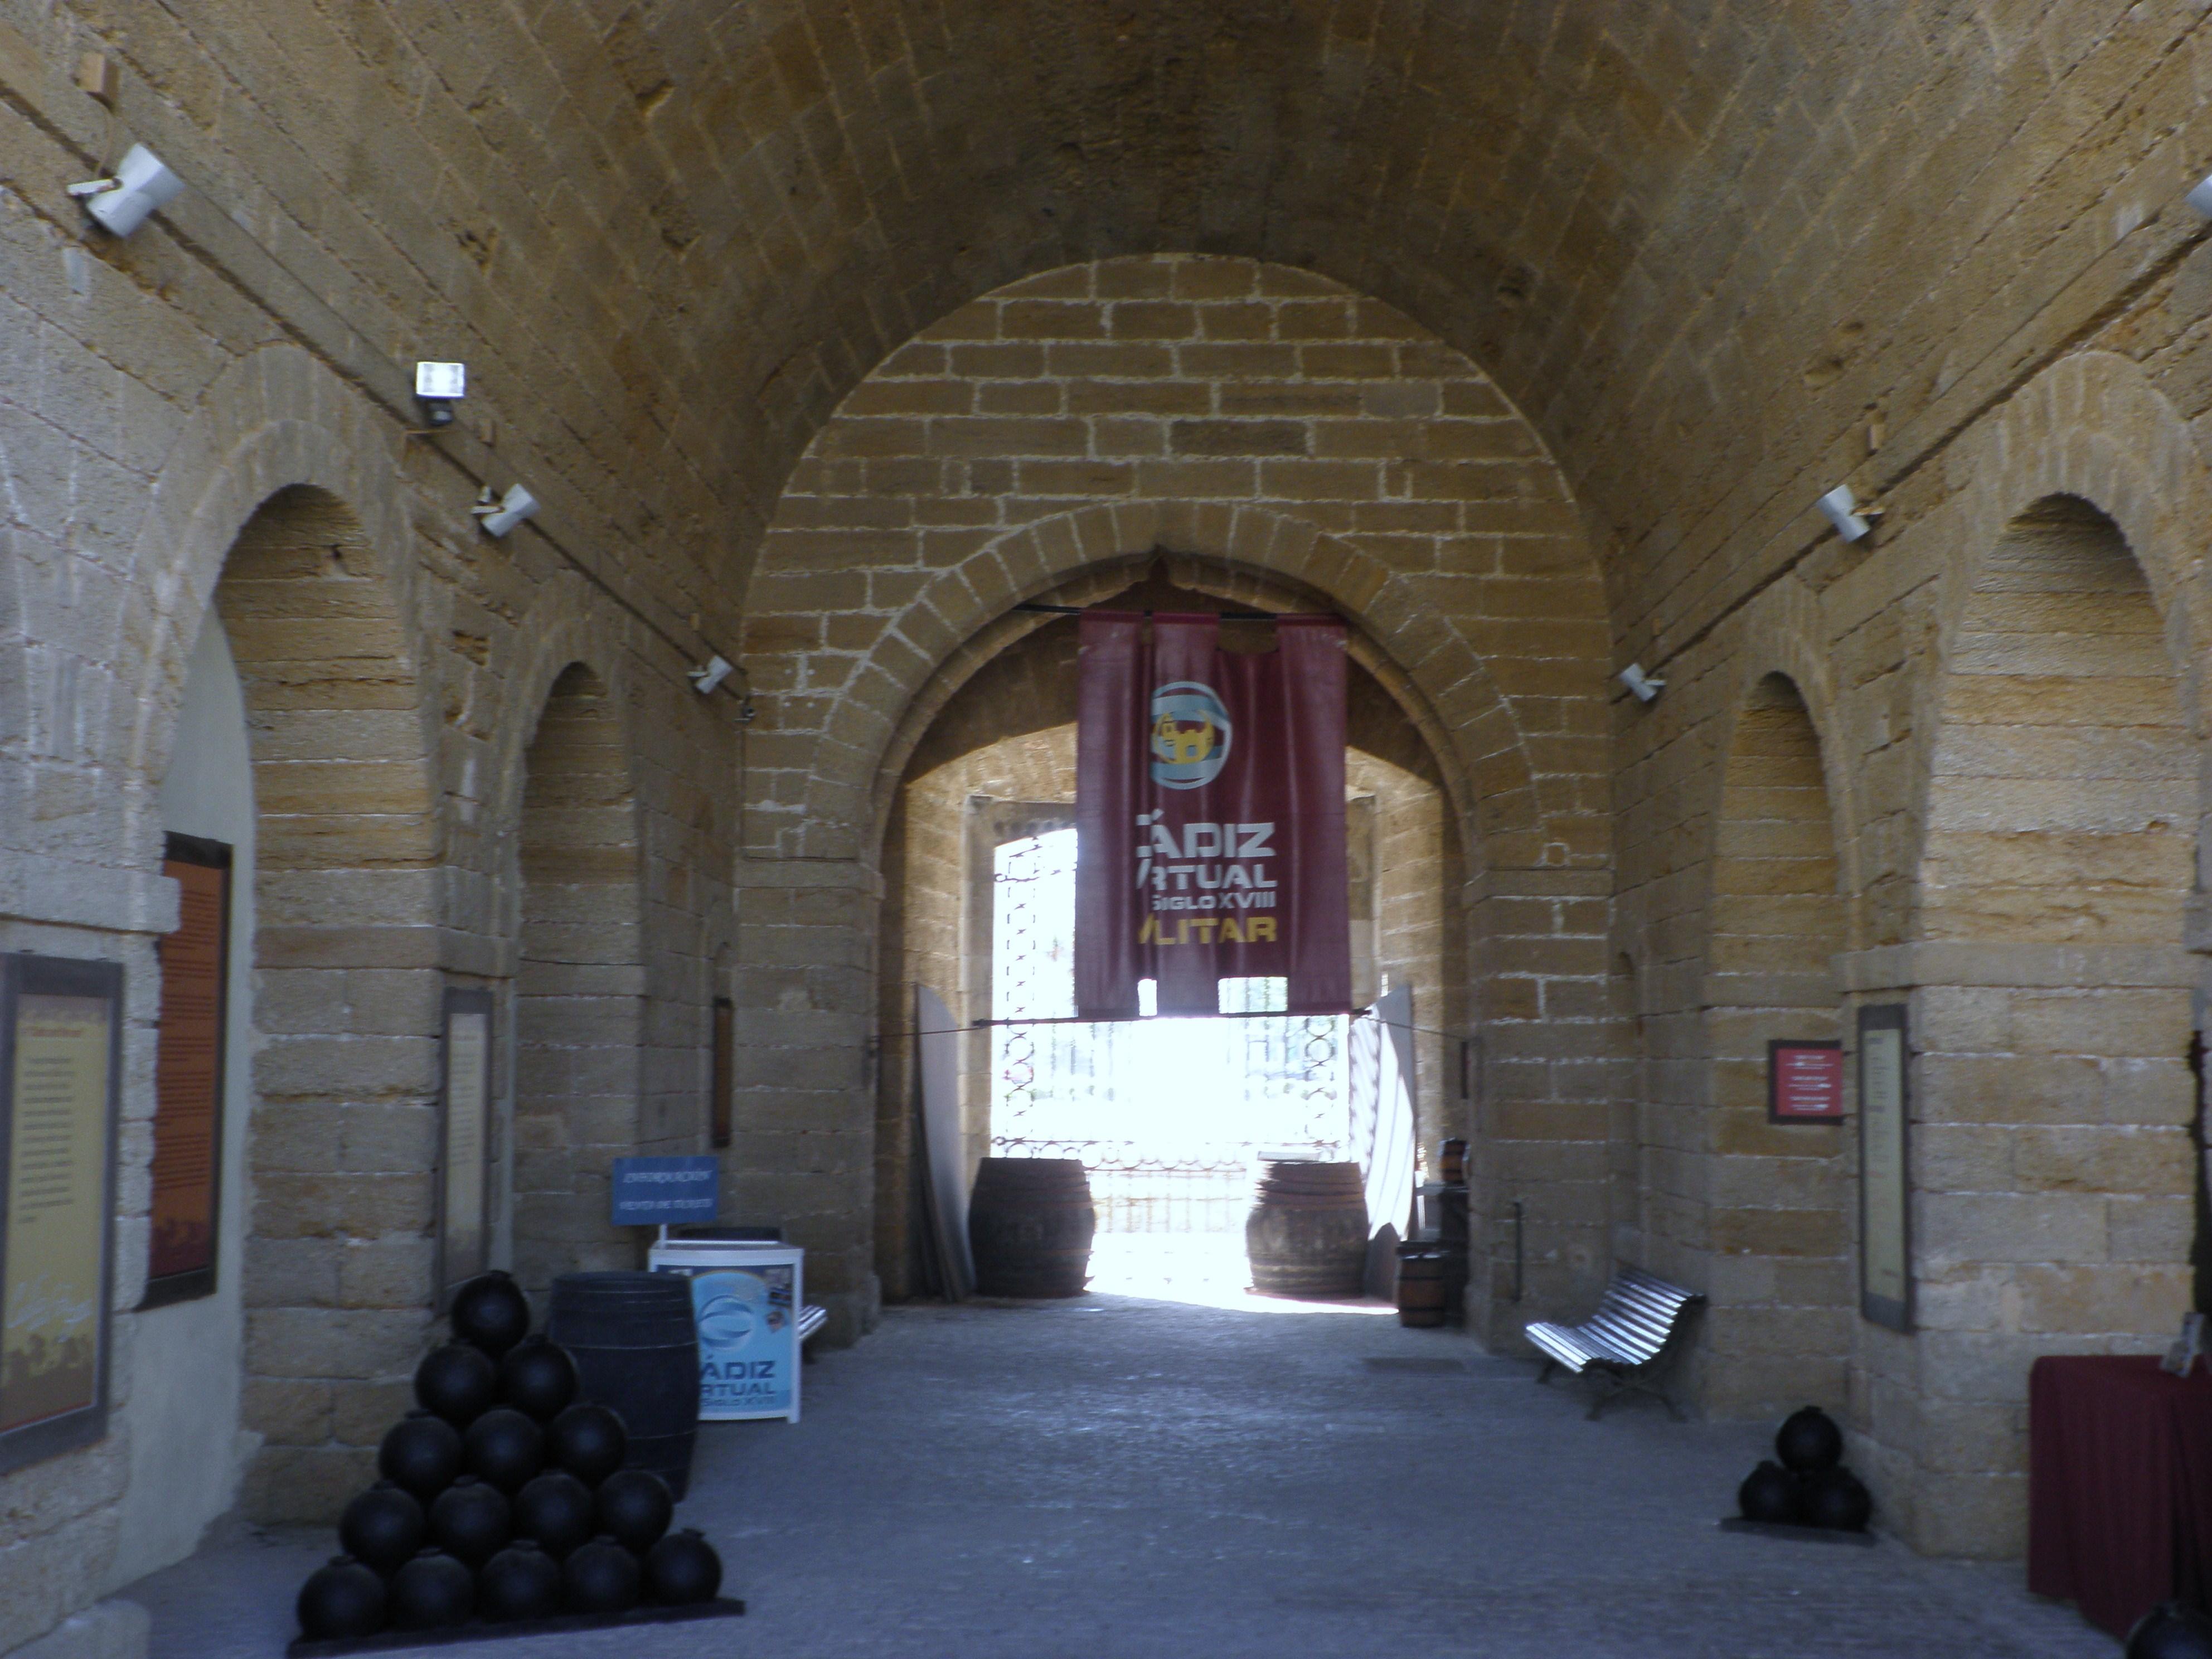 Archivo puertas de tierra interior c diz espa - Puertas de interior en madrid ...